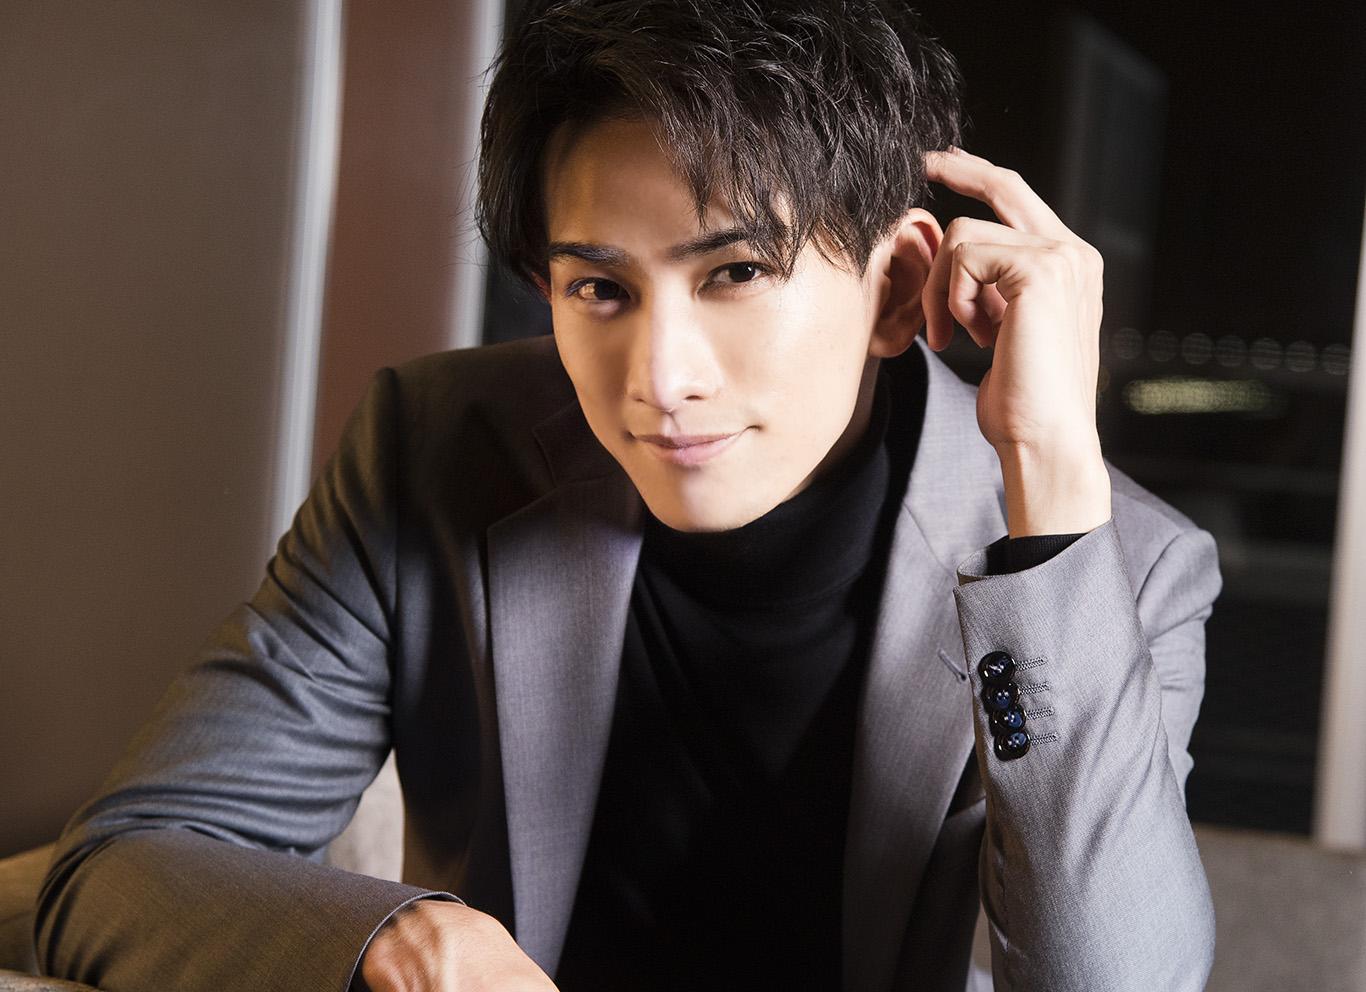 隠さずに言葉にしたら、夢はきっと叶うんだ。町田啓太、躍進の1年の裏で芽生えた変化